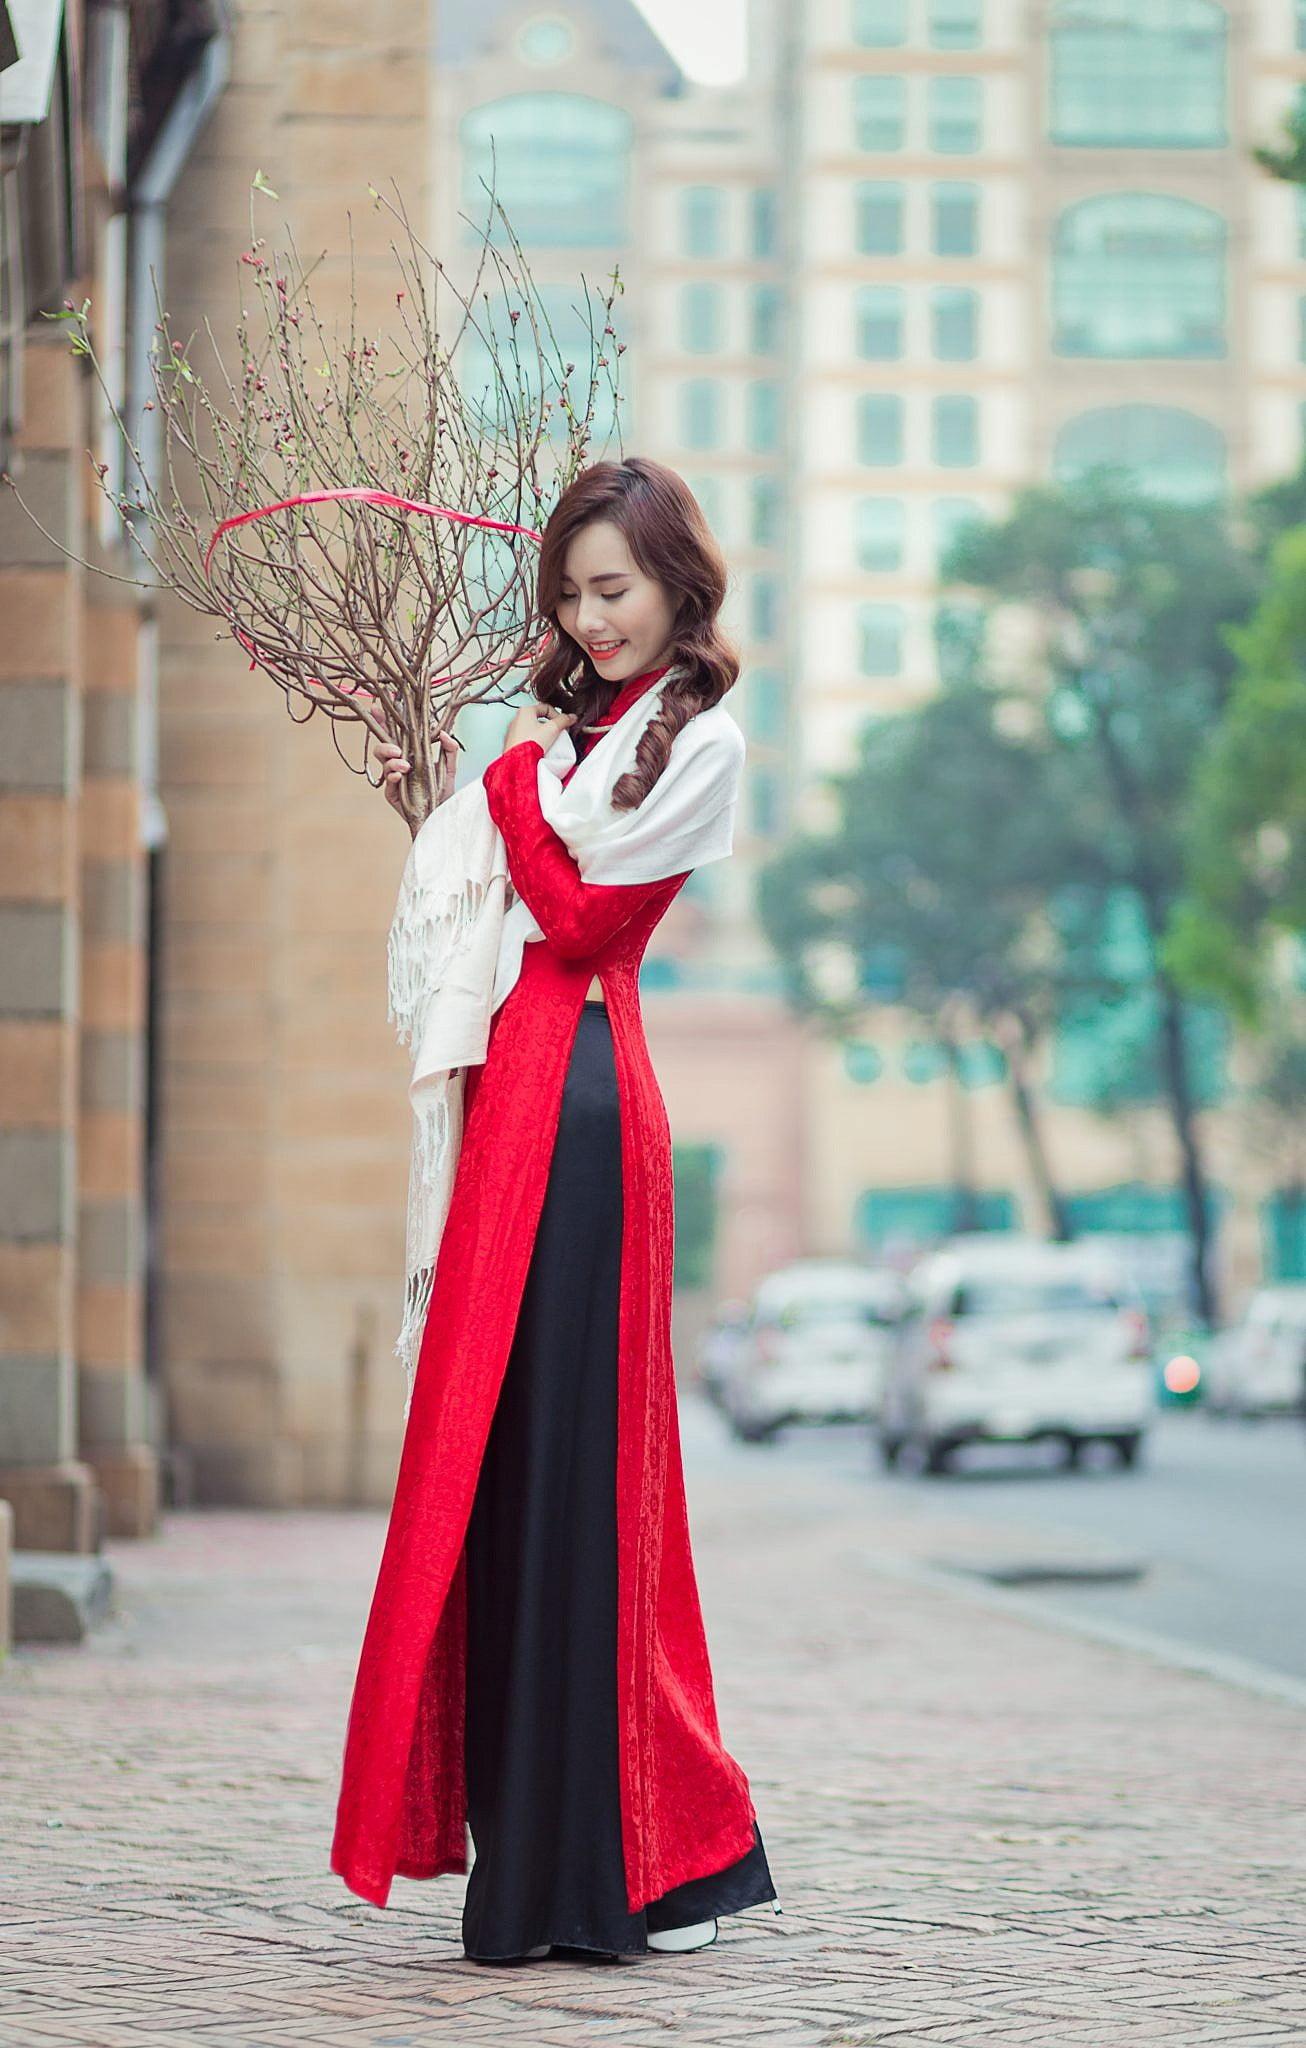 IMG 2569 min - Địa điểm chụp ảnh áo dài đẹp ở Thành phố Hồ Chí Minh